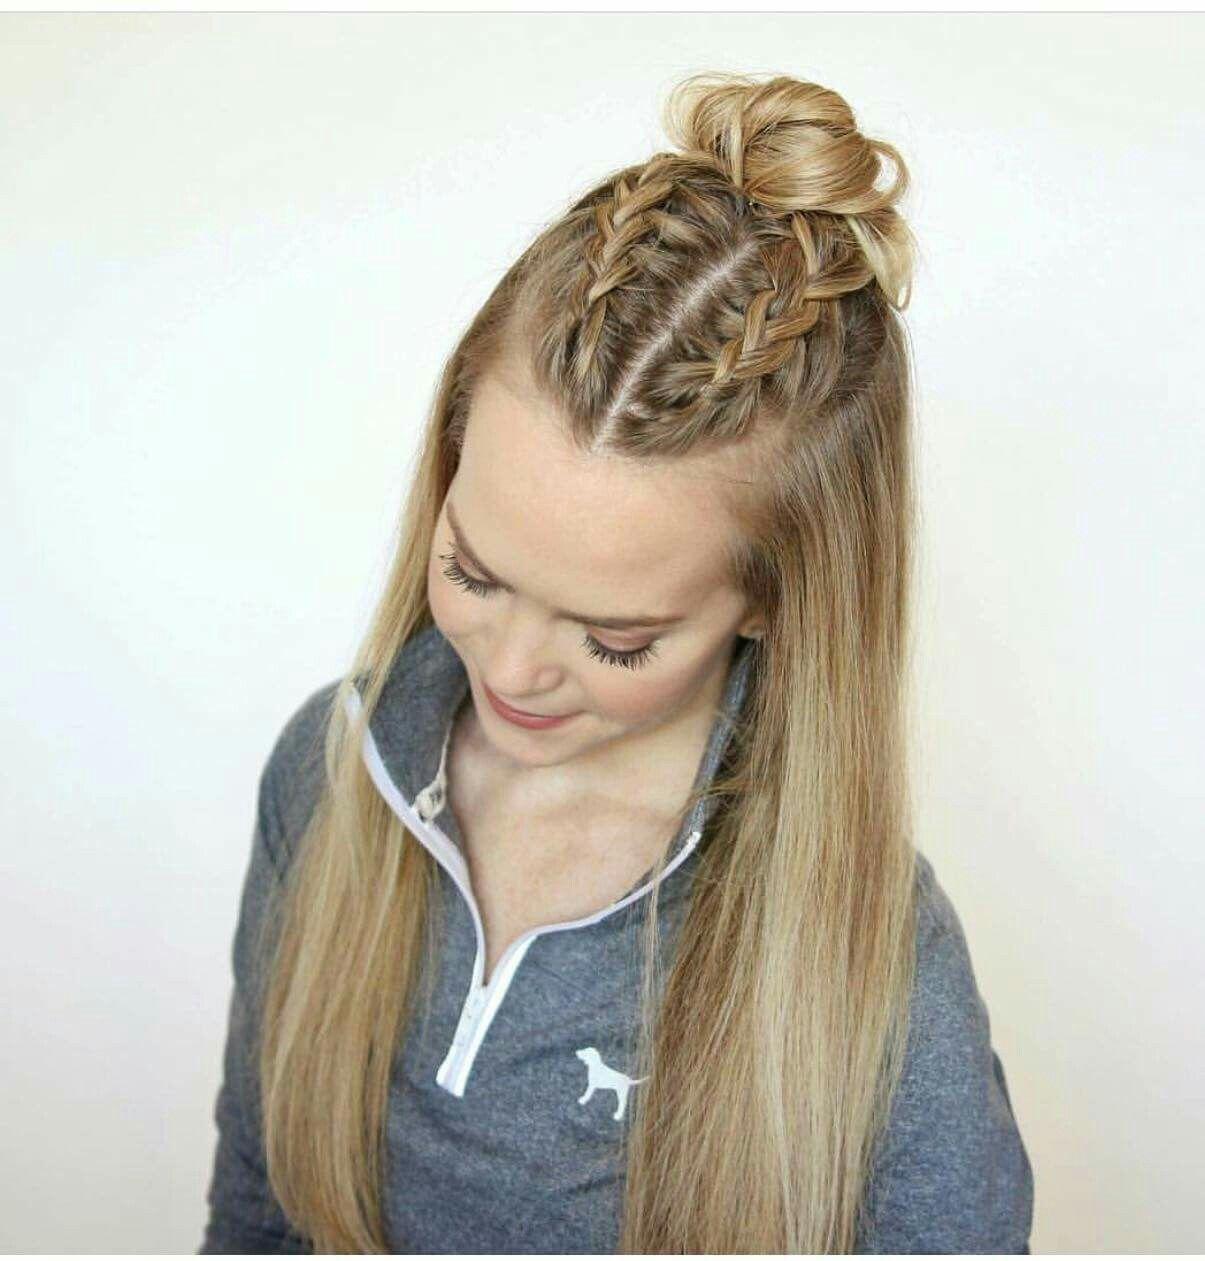 Frisuren fur kurze haare schule